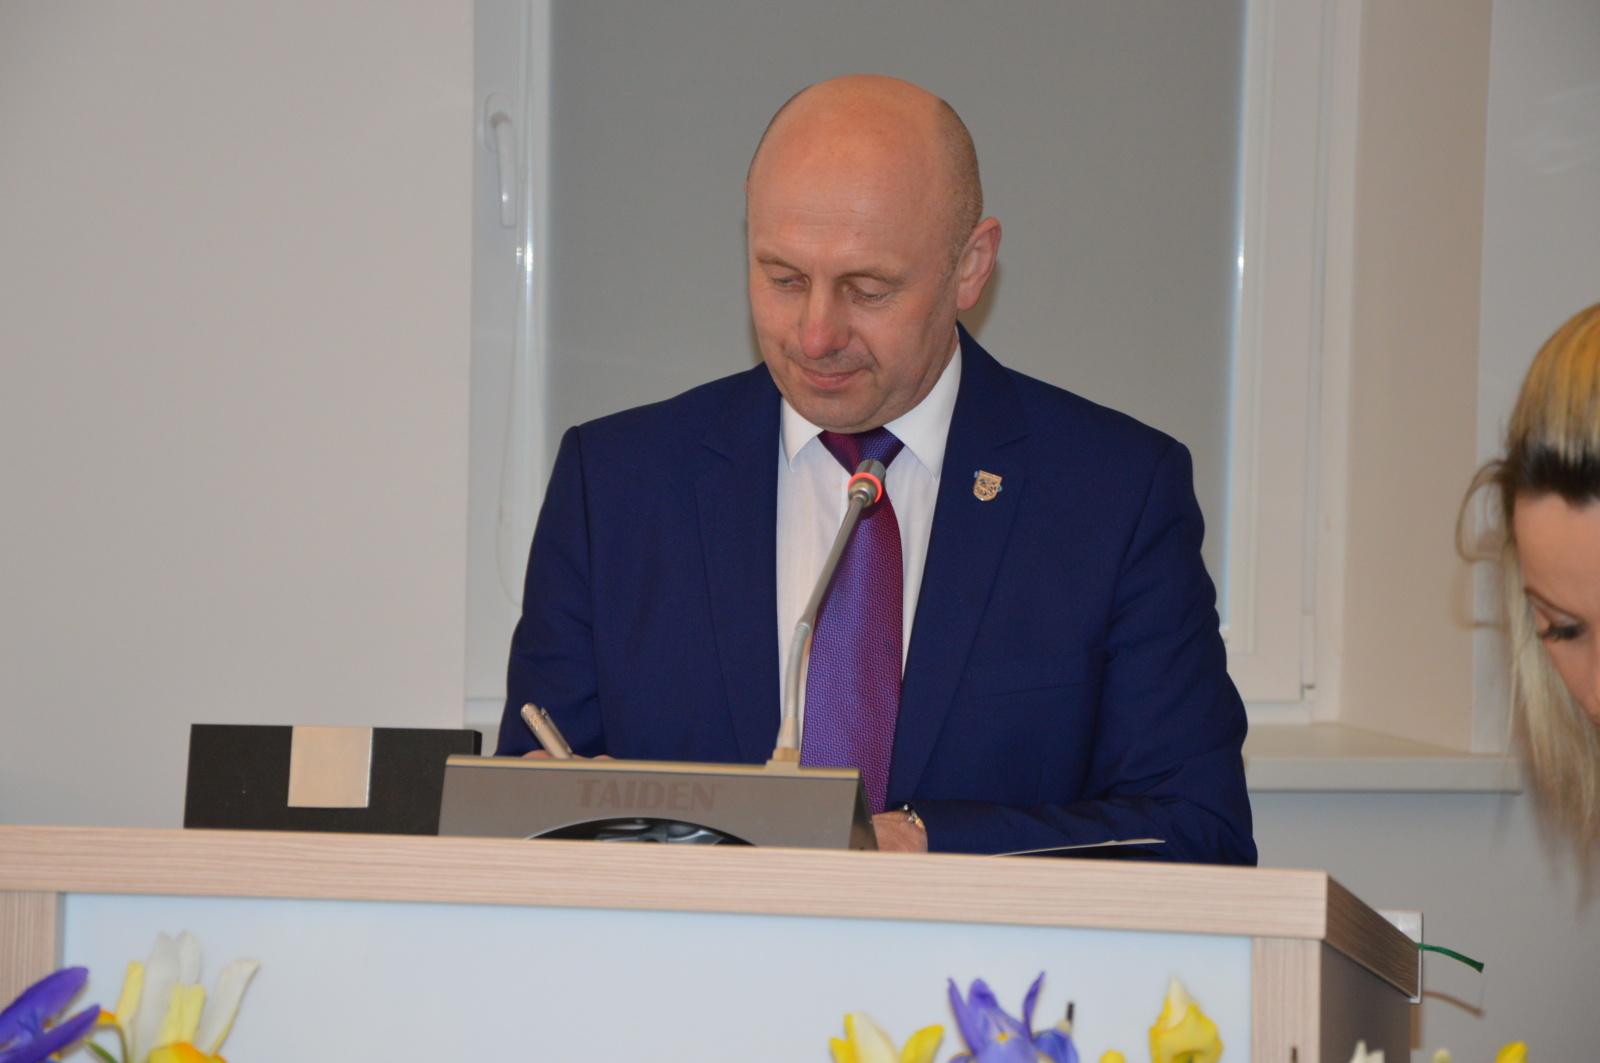 Savivaldybės administracijos direktoriaus pavaduotoju paskirtas A. Marcinkevičius